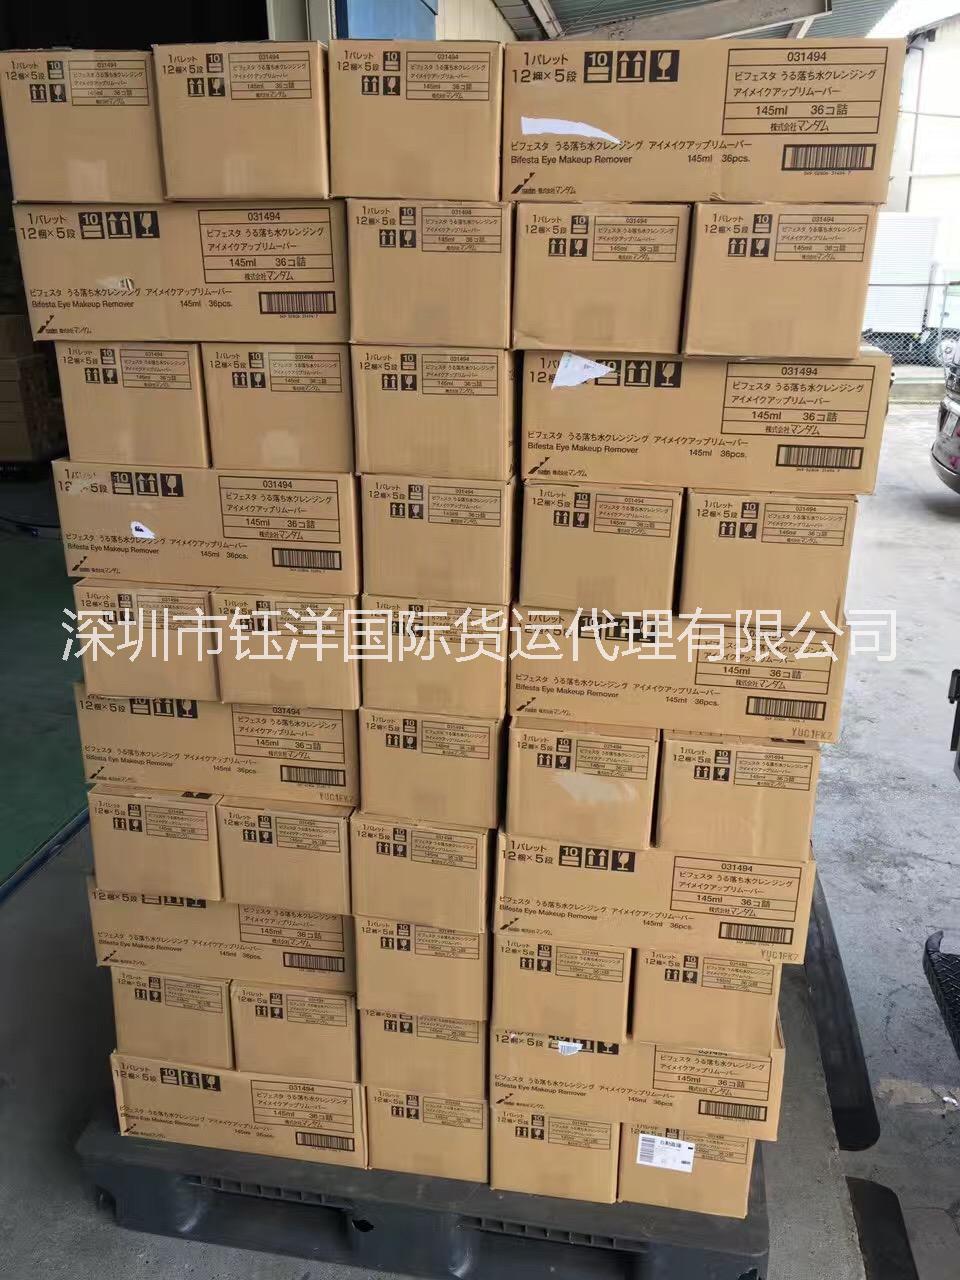 红酒包税进口清关到中国全境上门取红酒包税进口清关到中国全境上门取件清关派送一条龙服务物流快递